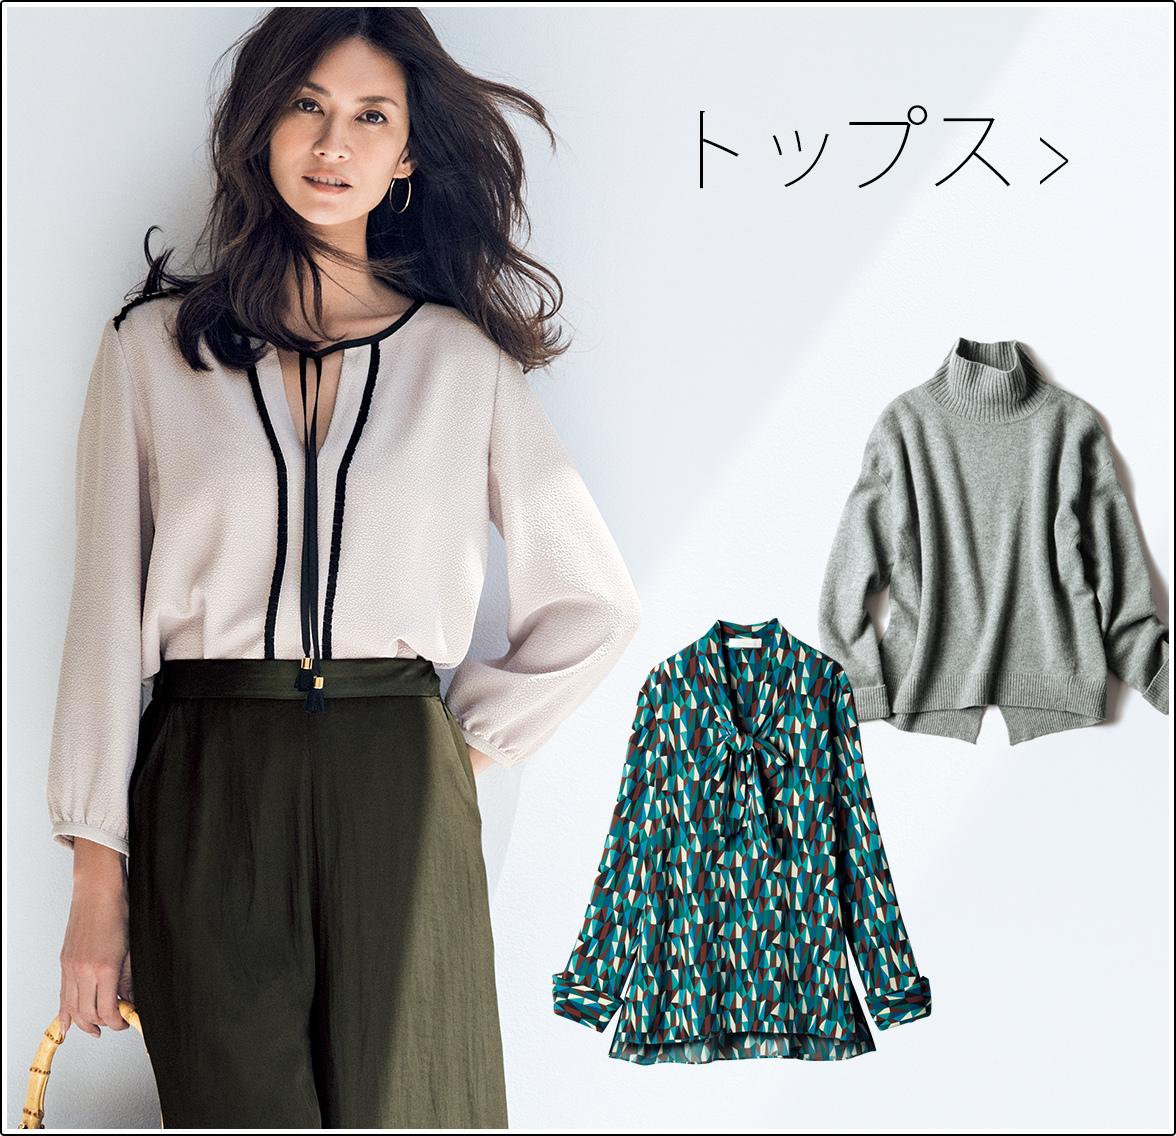 2016年秋冬の最新ファッションカタログから、NEWアイテムをご紹介! きちんと感と女らしさが香る大人のワードローブで、今年の秋冬 スタイルを鮮度アップさせて♪